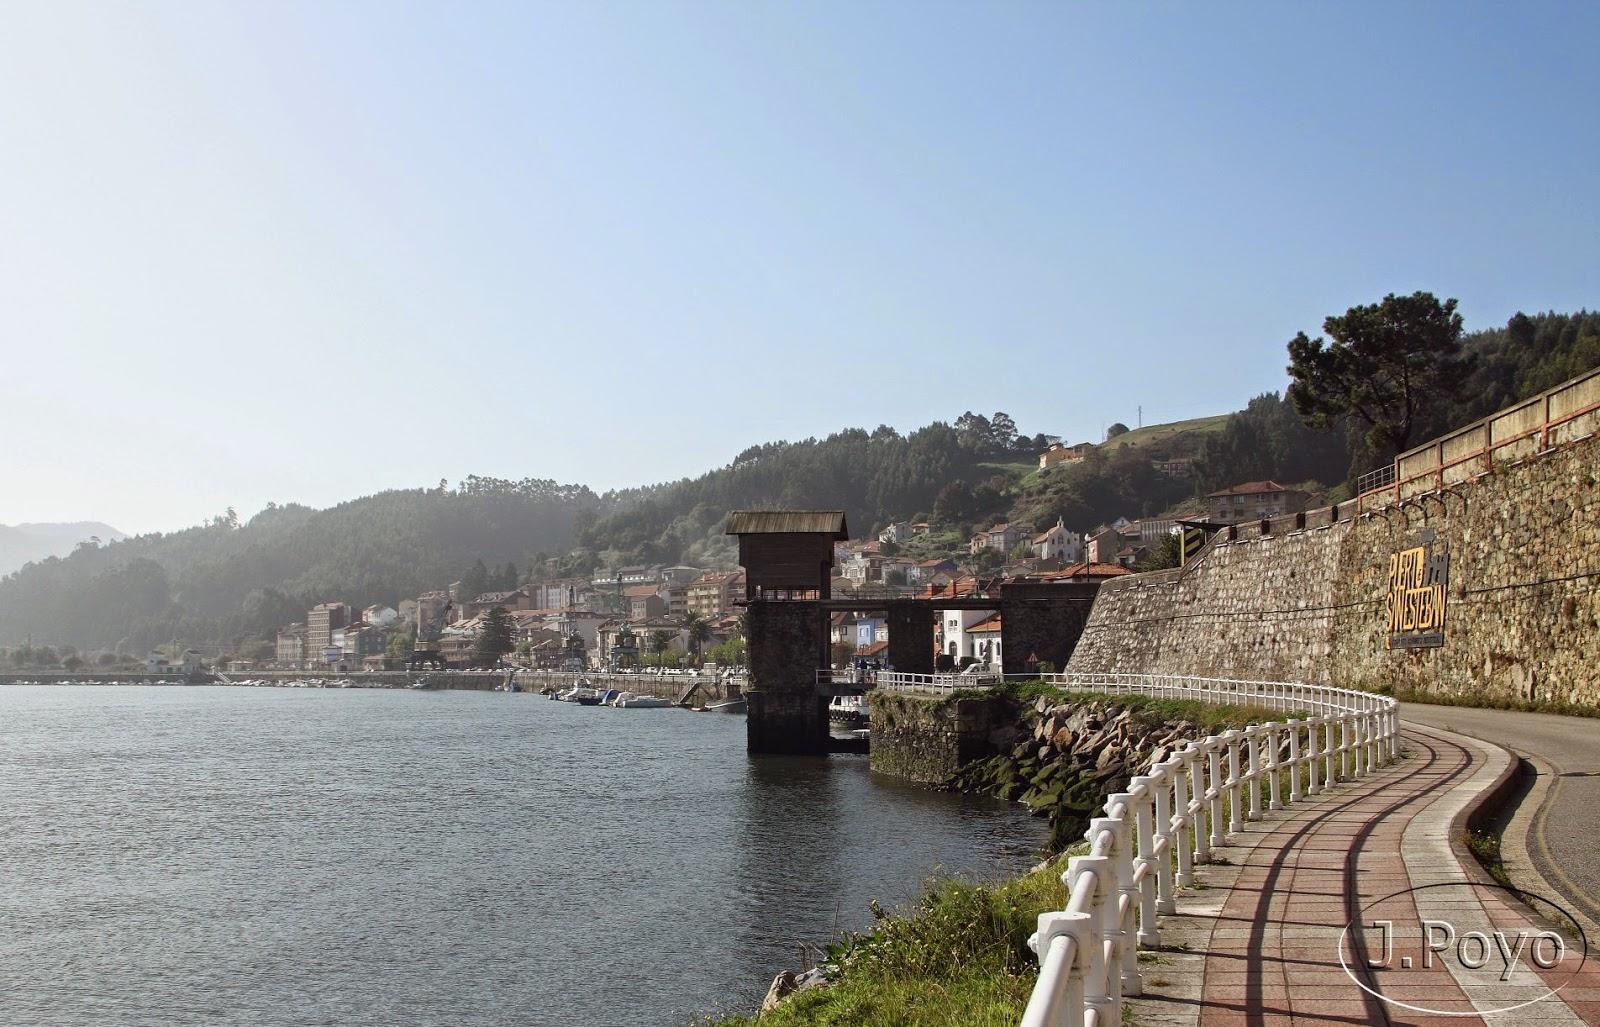 San Esteban de Pravia